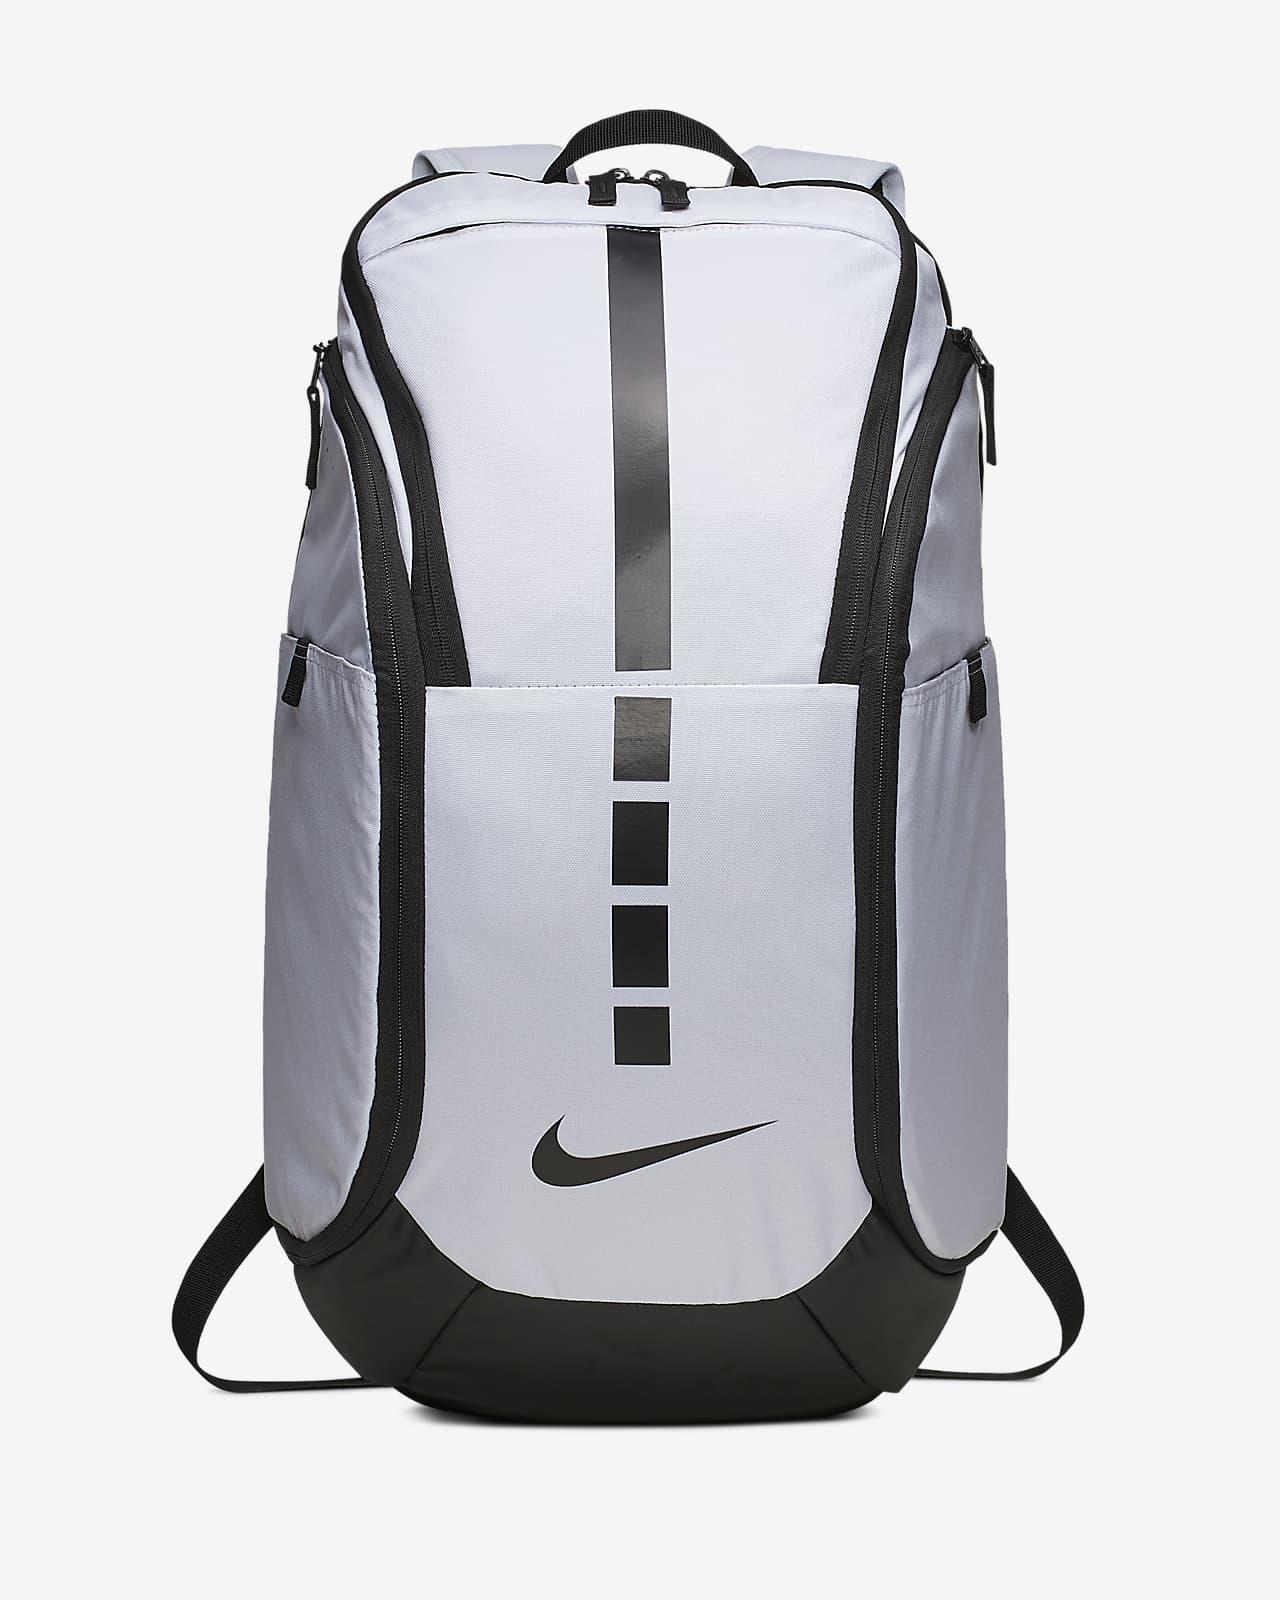 Nike Hoops Elite Pro 篮球双肩包